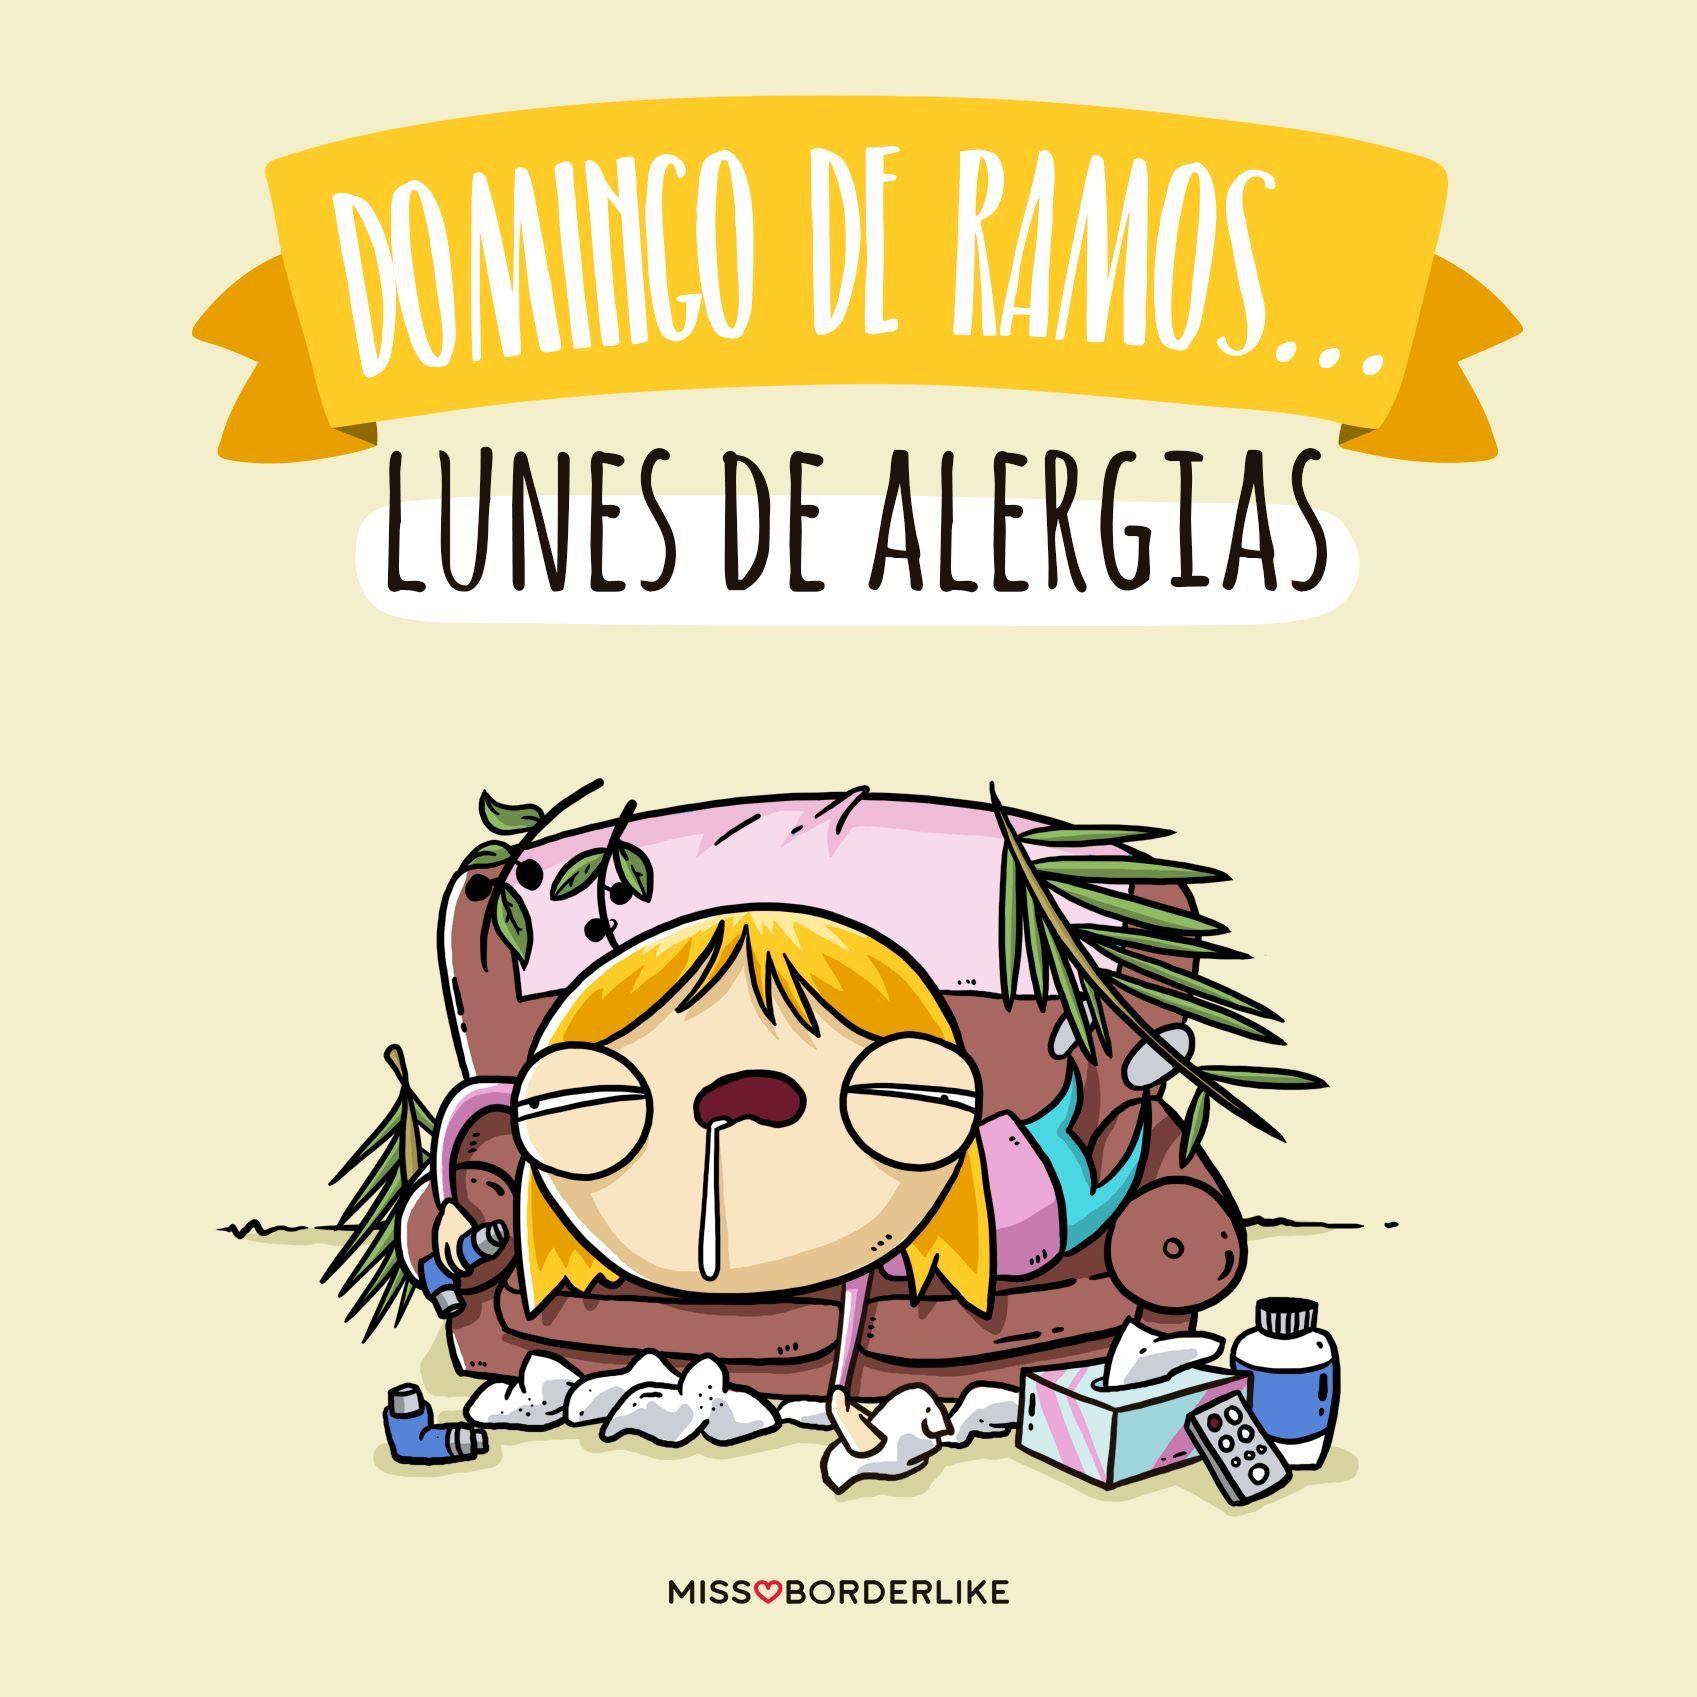 Domingo De Ramos Lunes De Alergias Humor Frases